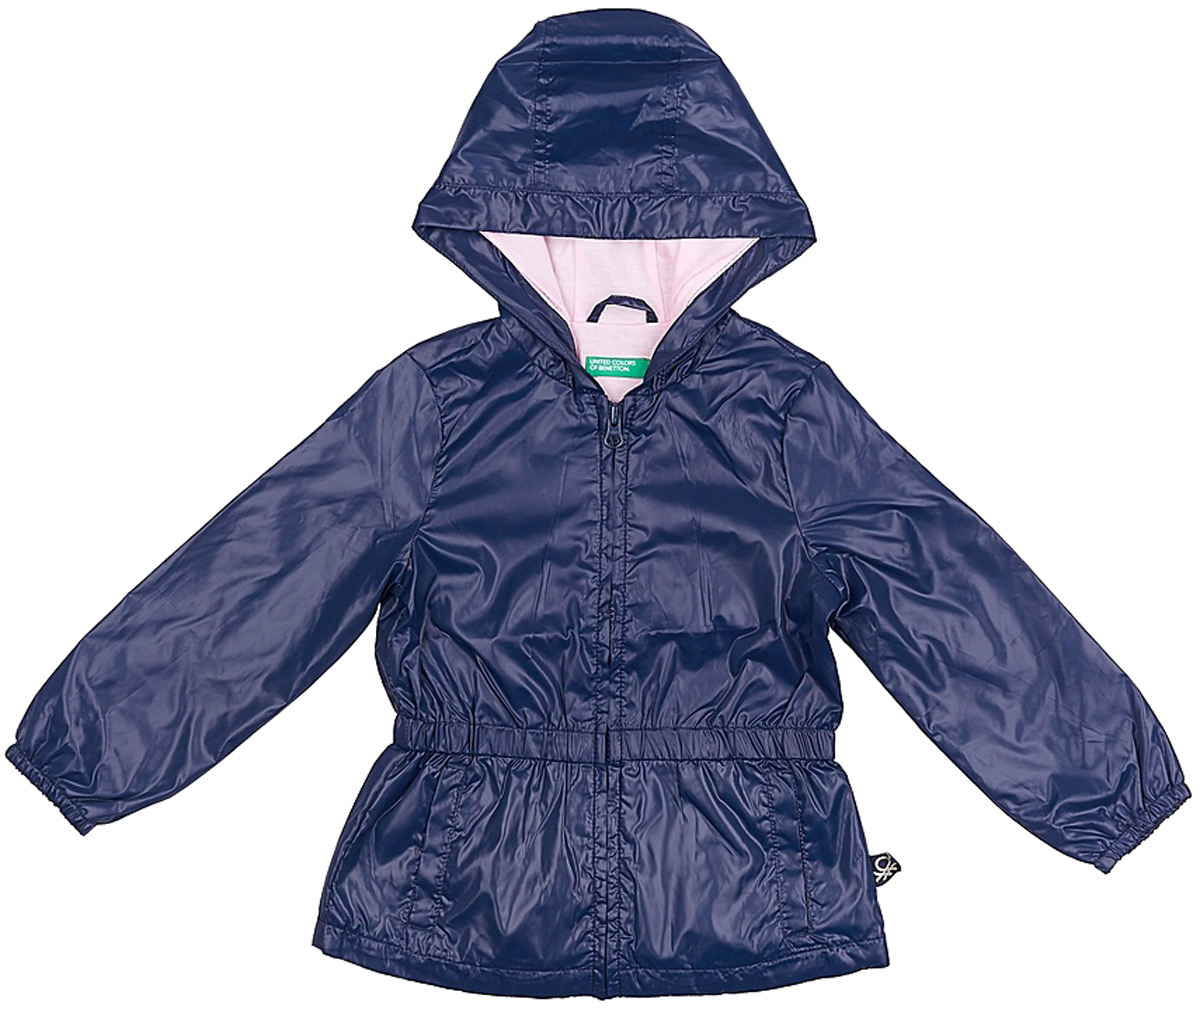 Куртка для девочек United Colors of Benetton, цвет: синий. 2EO053BX0_13C. Размер 1602EO053BX0_13CЛегкая куртка от United Colors of Benetton выполнена из высококачественного полиэстера на хлопковом подкладе. Модель с длинными рукавами и капюшоном застегивается на молнию, по бокам дополнена втачными карманами.